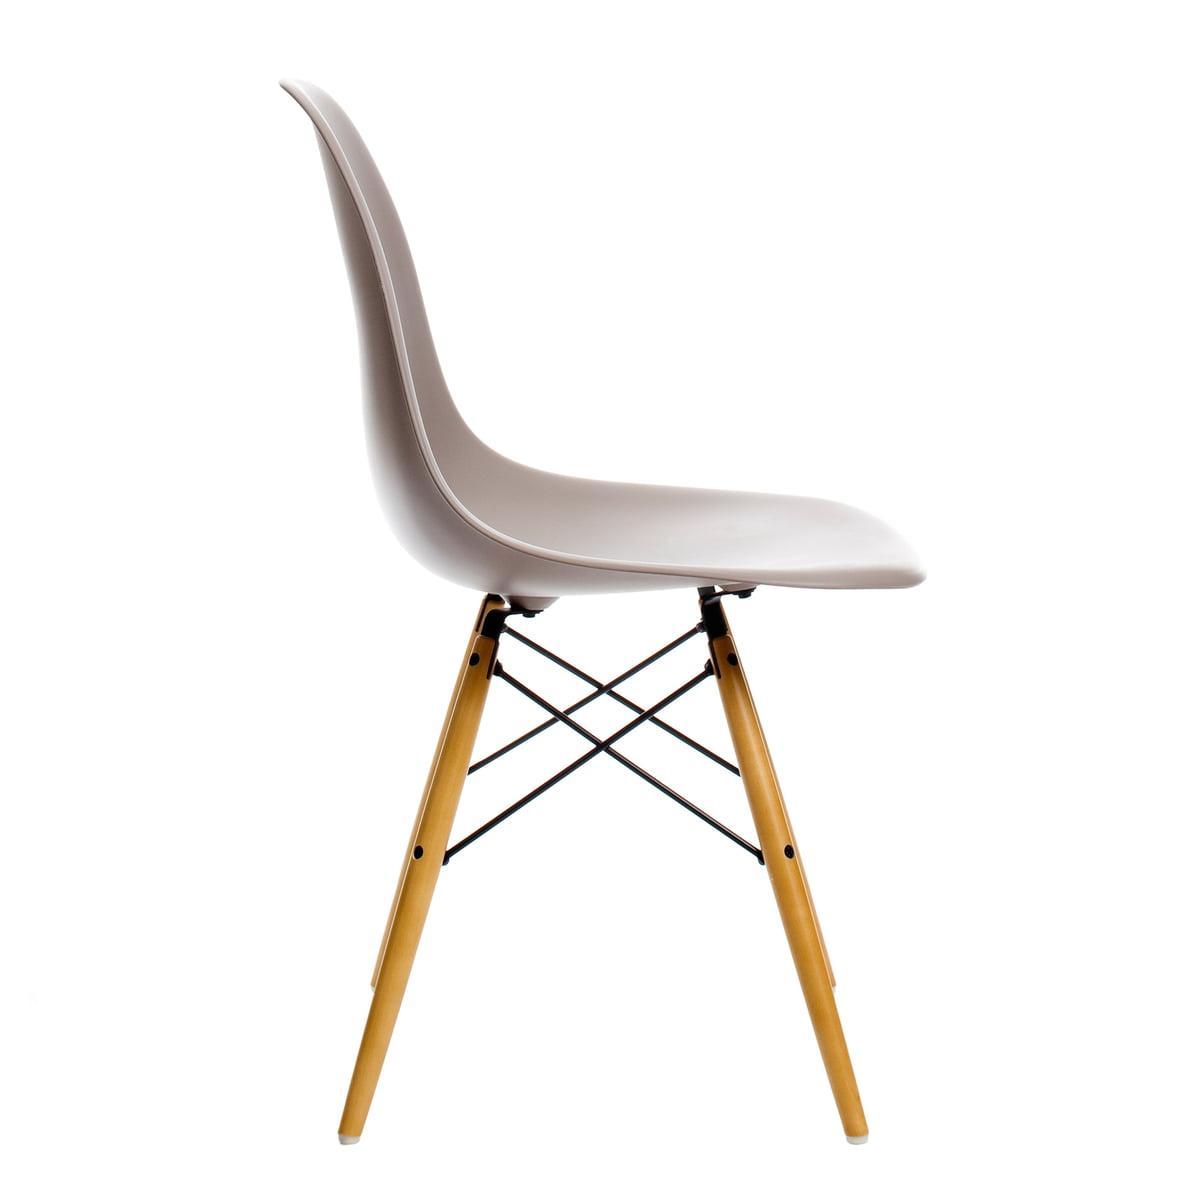 vitra eames plastic side chair dsw h 43 cm ahorn gelblich mauve grau kunststoffgleiter. Black Bedroom Furniture Sets. Home Design Ideas